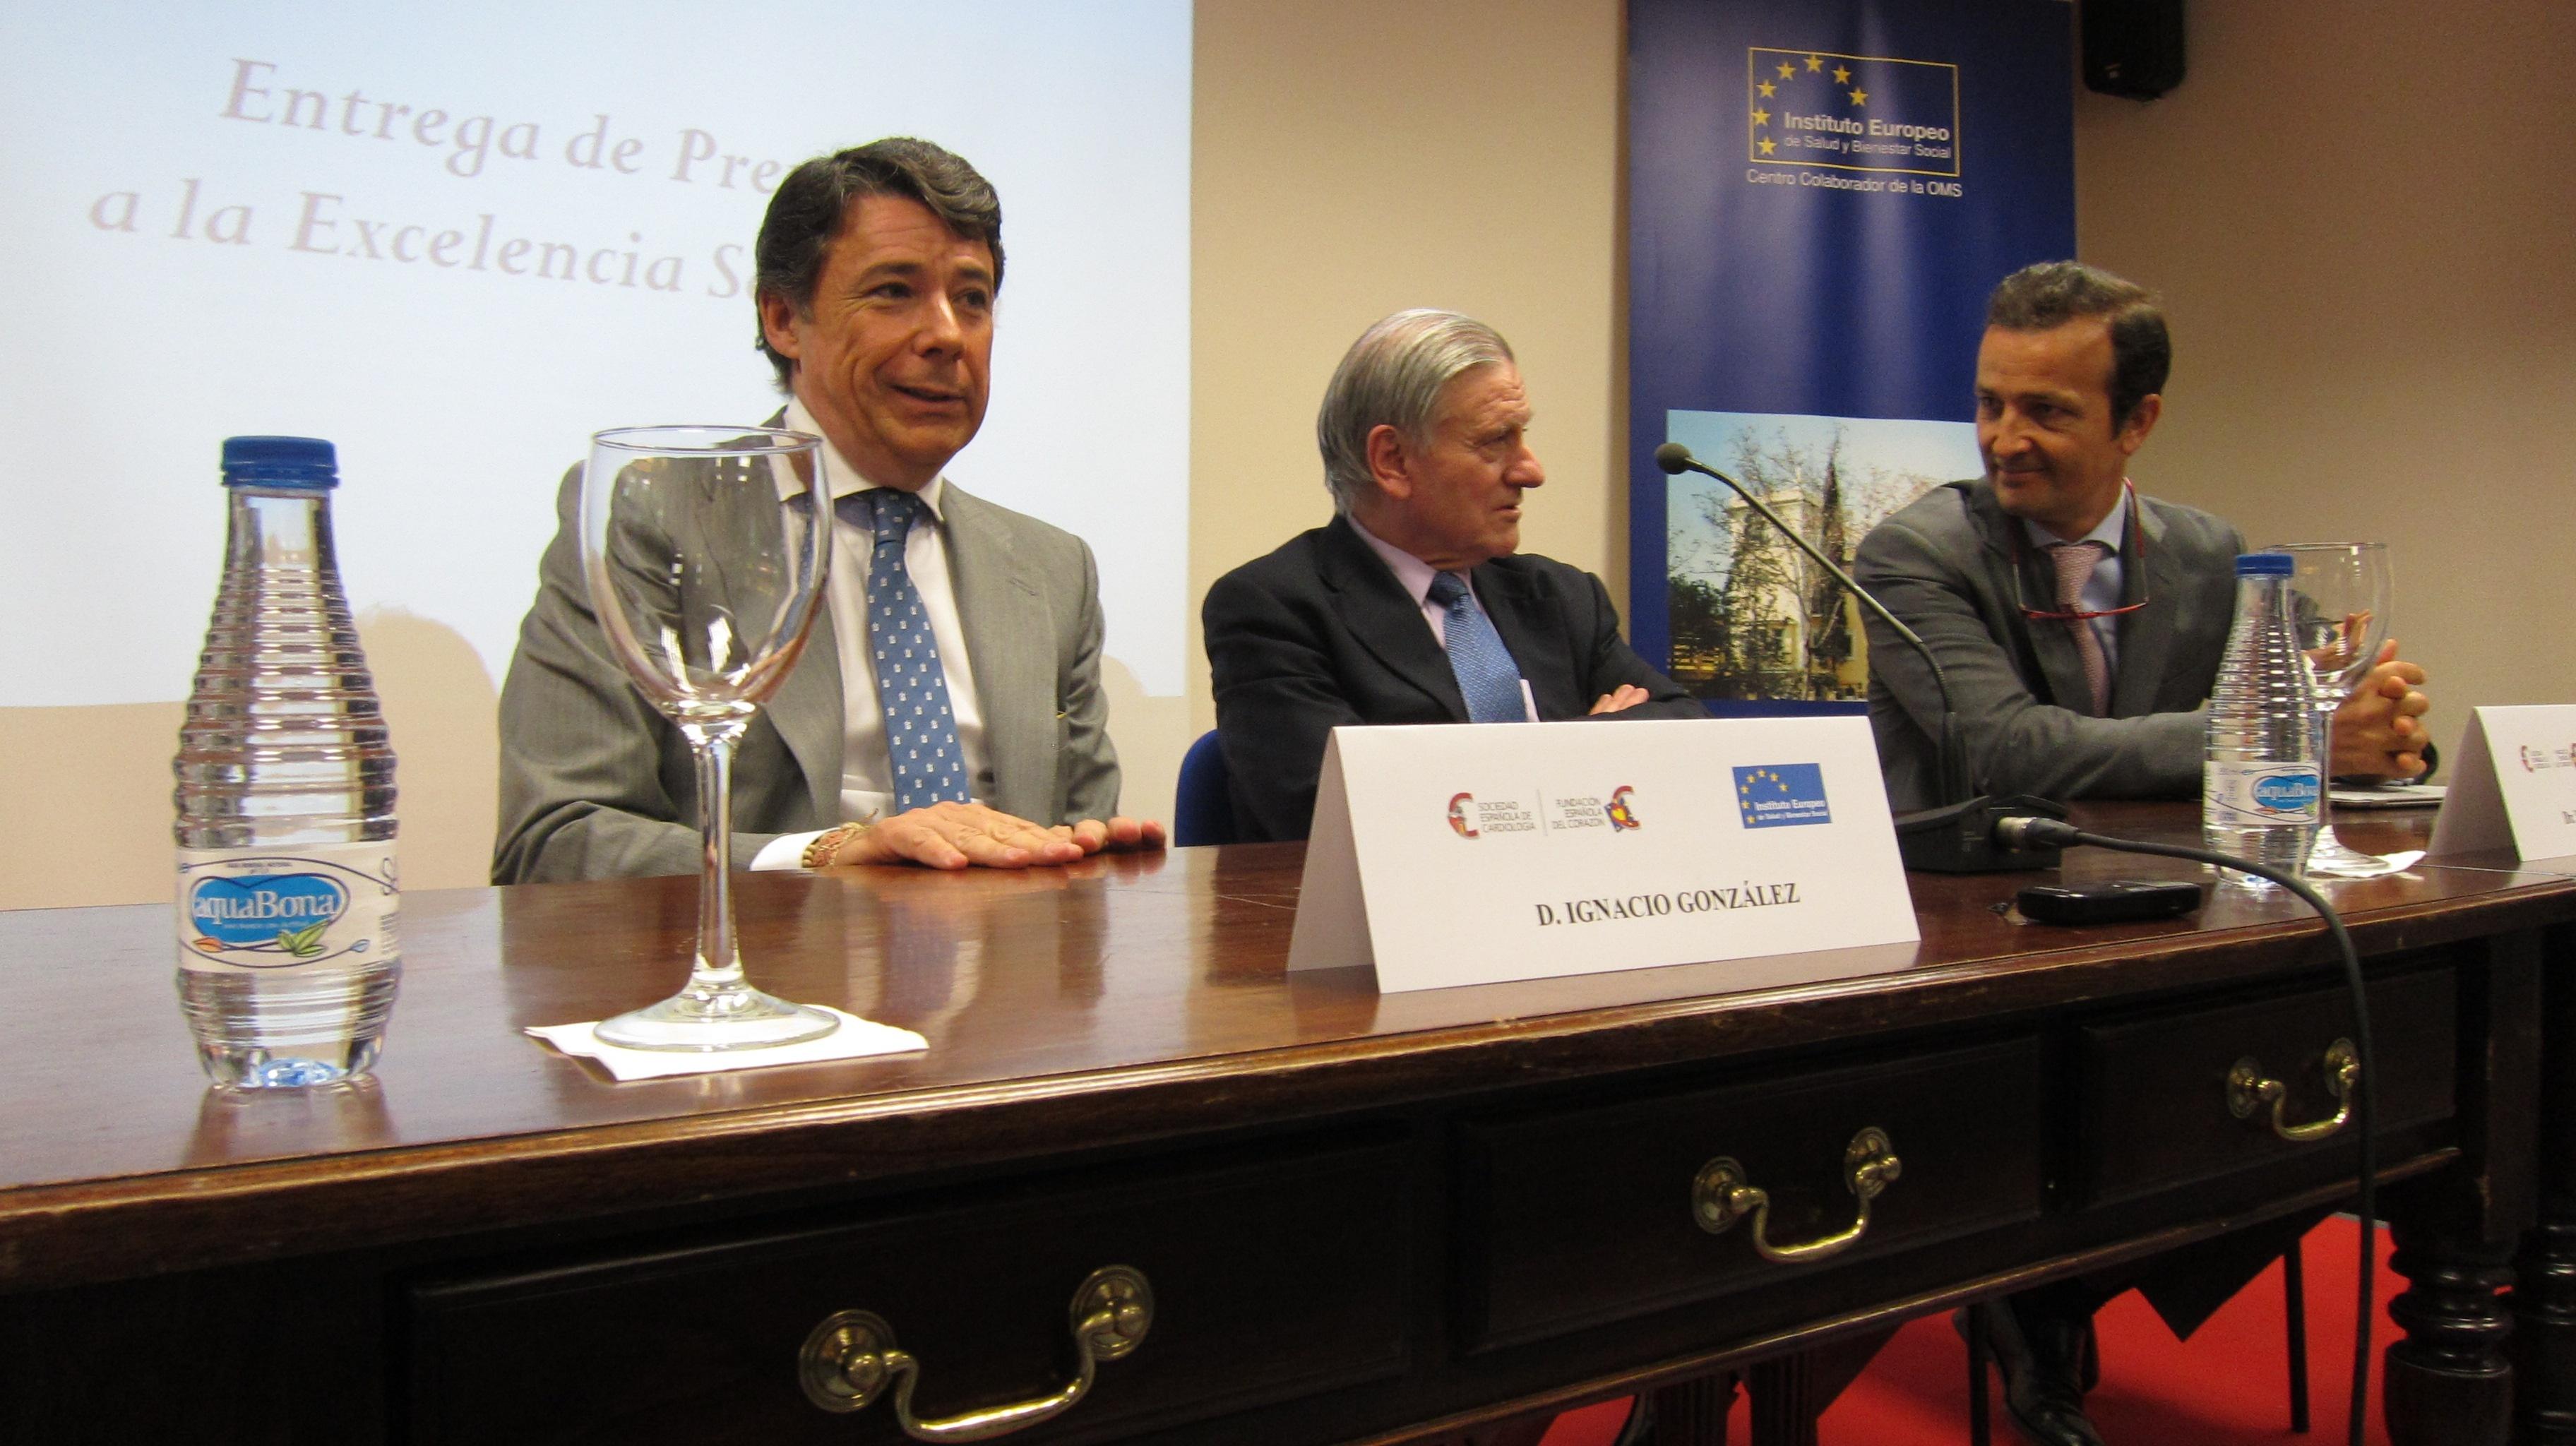 Ignacio González asegura que sólo aprovechando los recursos públicos y privados se garantizará la asistencia